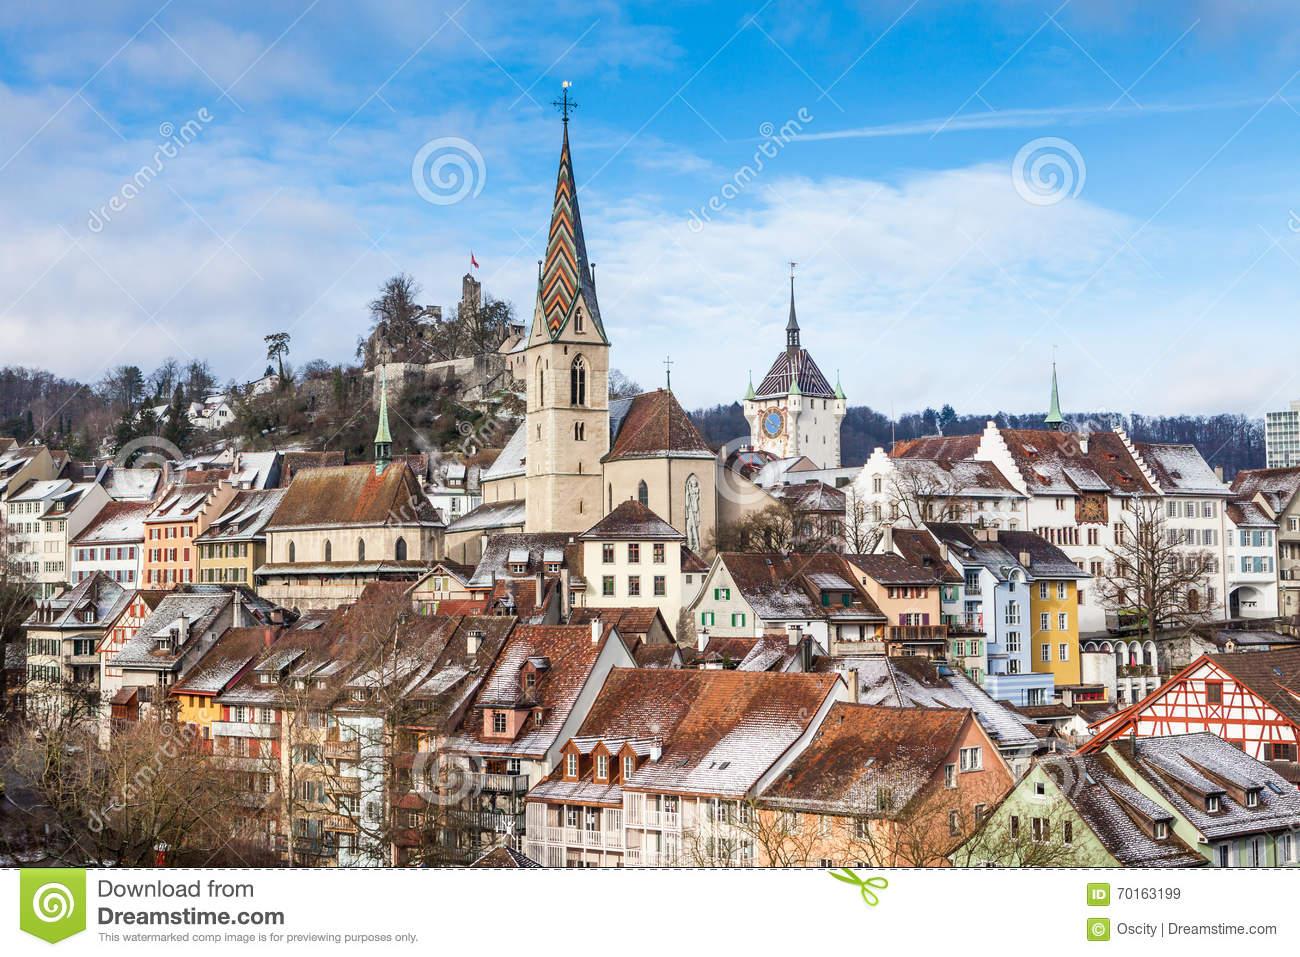 BADEN, AARGAU, SWITZERLAND stock image. Image of municipality.